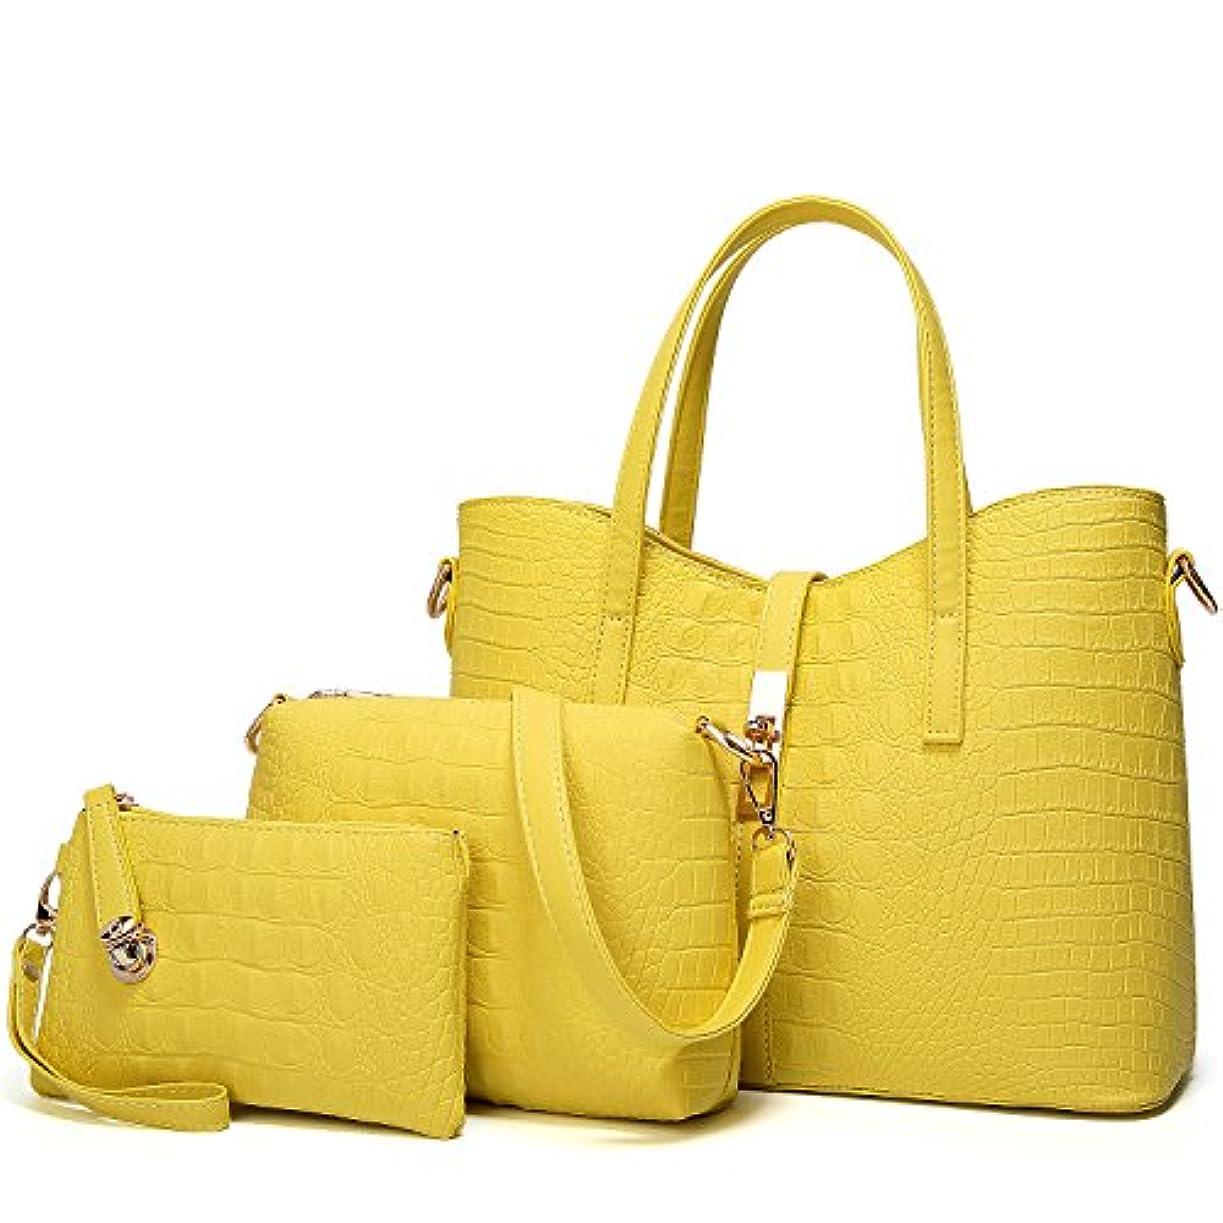 染色検出可能考古学者[TcIFE] ハンドバッグ レディース トートバッグ 大容量 無地 ショルダーバッグ 2way 財布とハンドバッグ